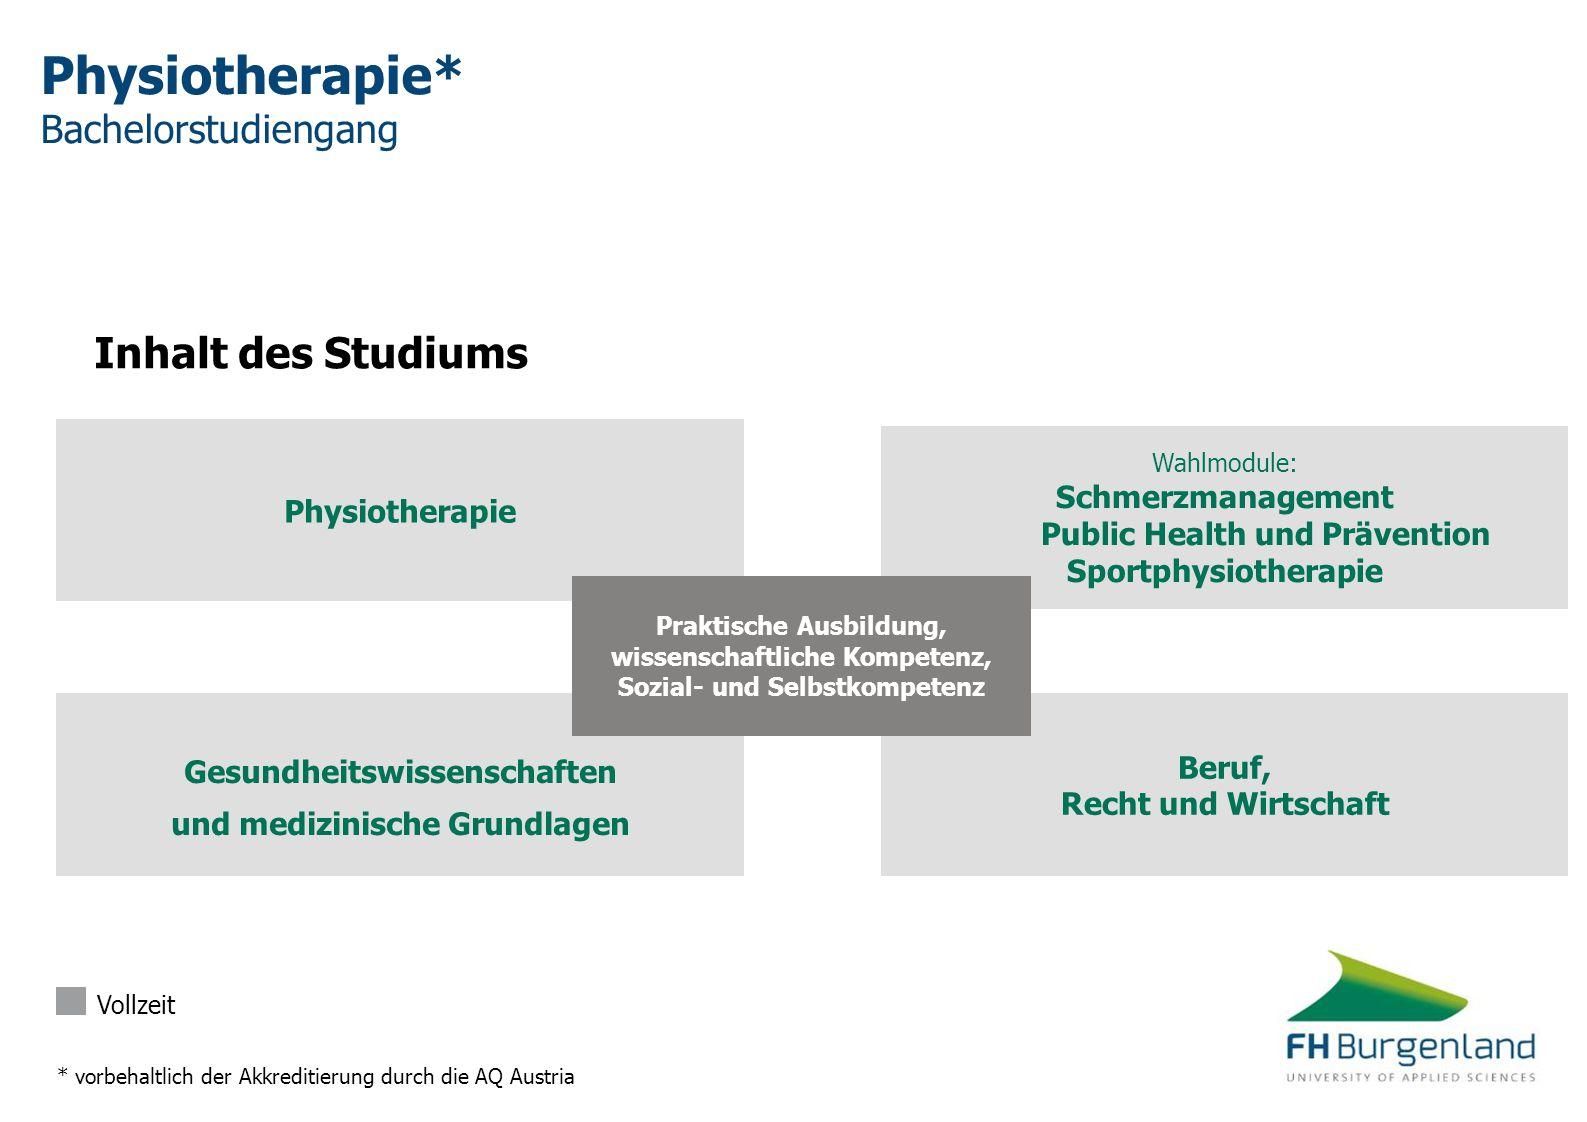 Physiotherapie* Bachelorstudiengang Inhalt des Studiums Gesundheitswissenschaften und medizinische Grundlagen Beruf, Recht und Wirtschaft Wahlmodule: